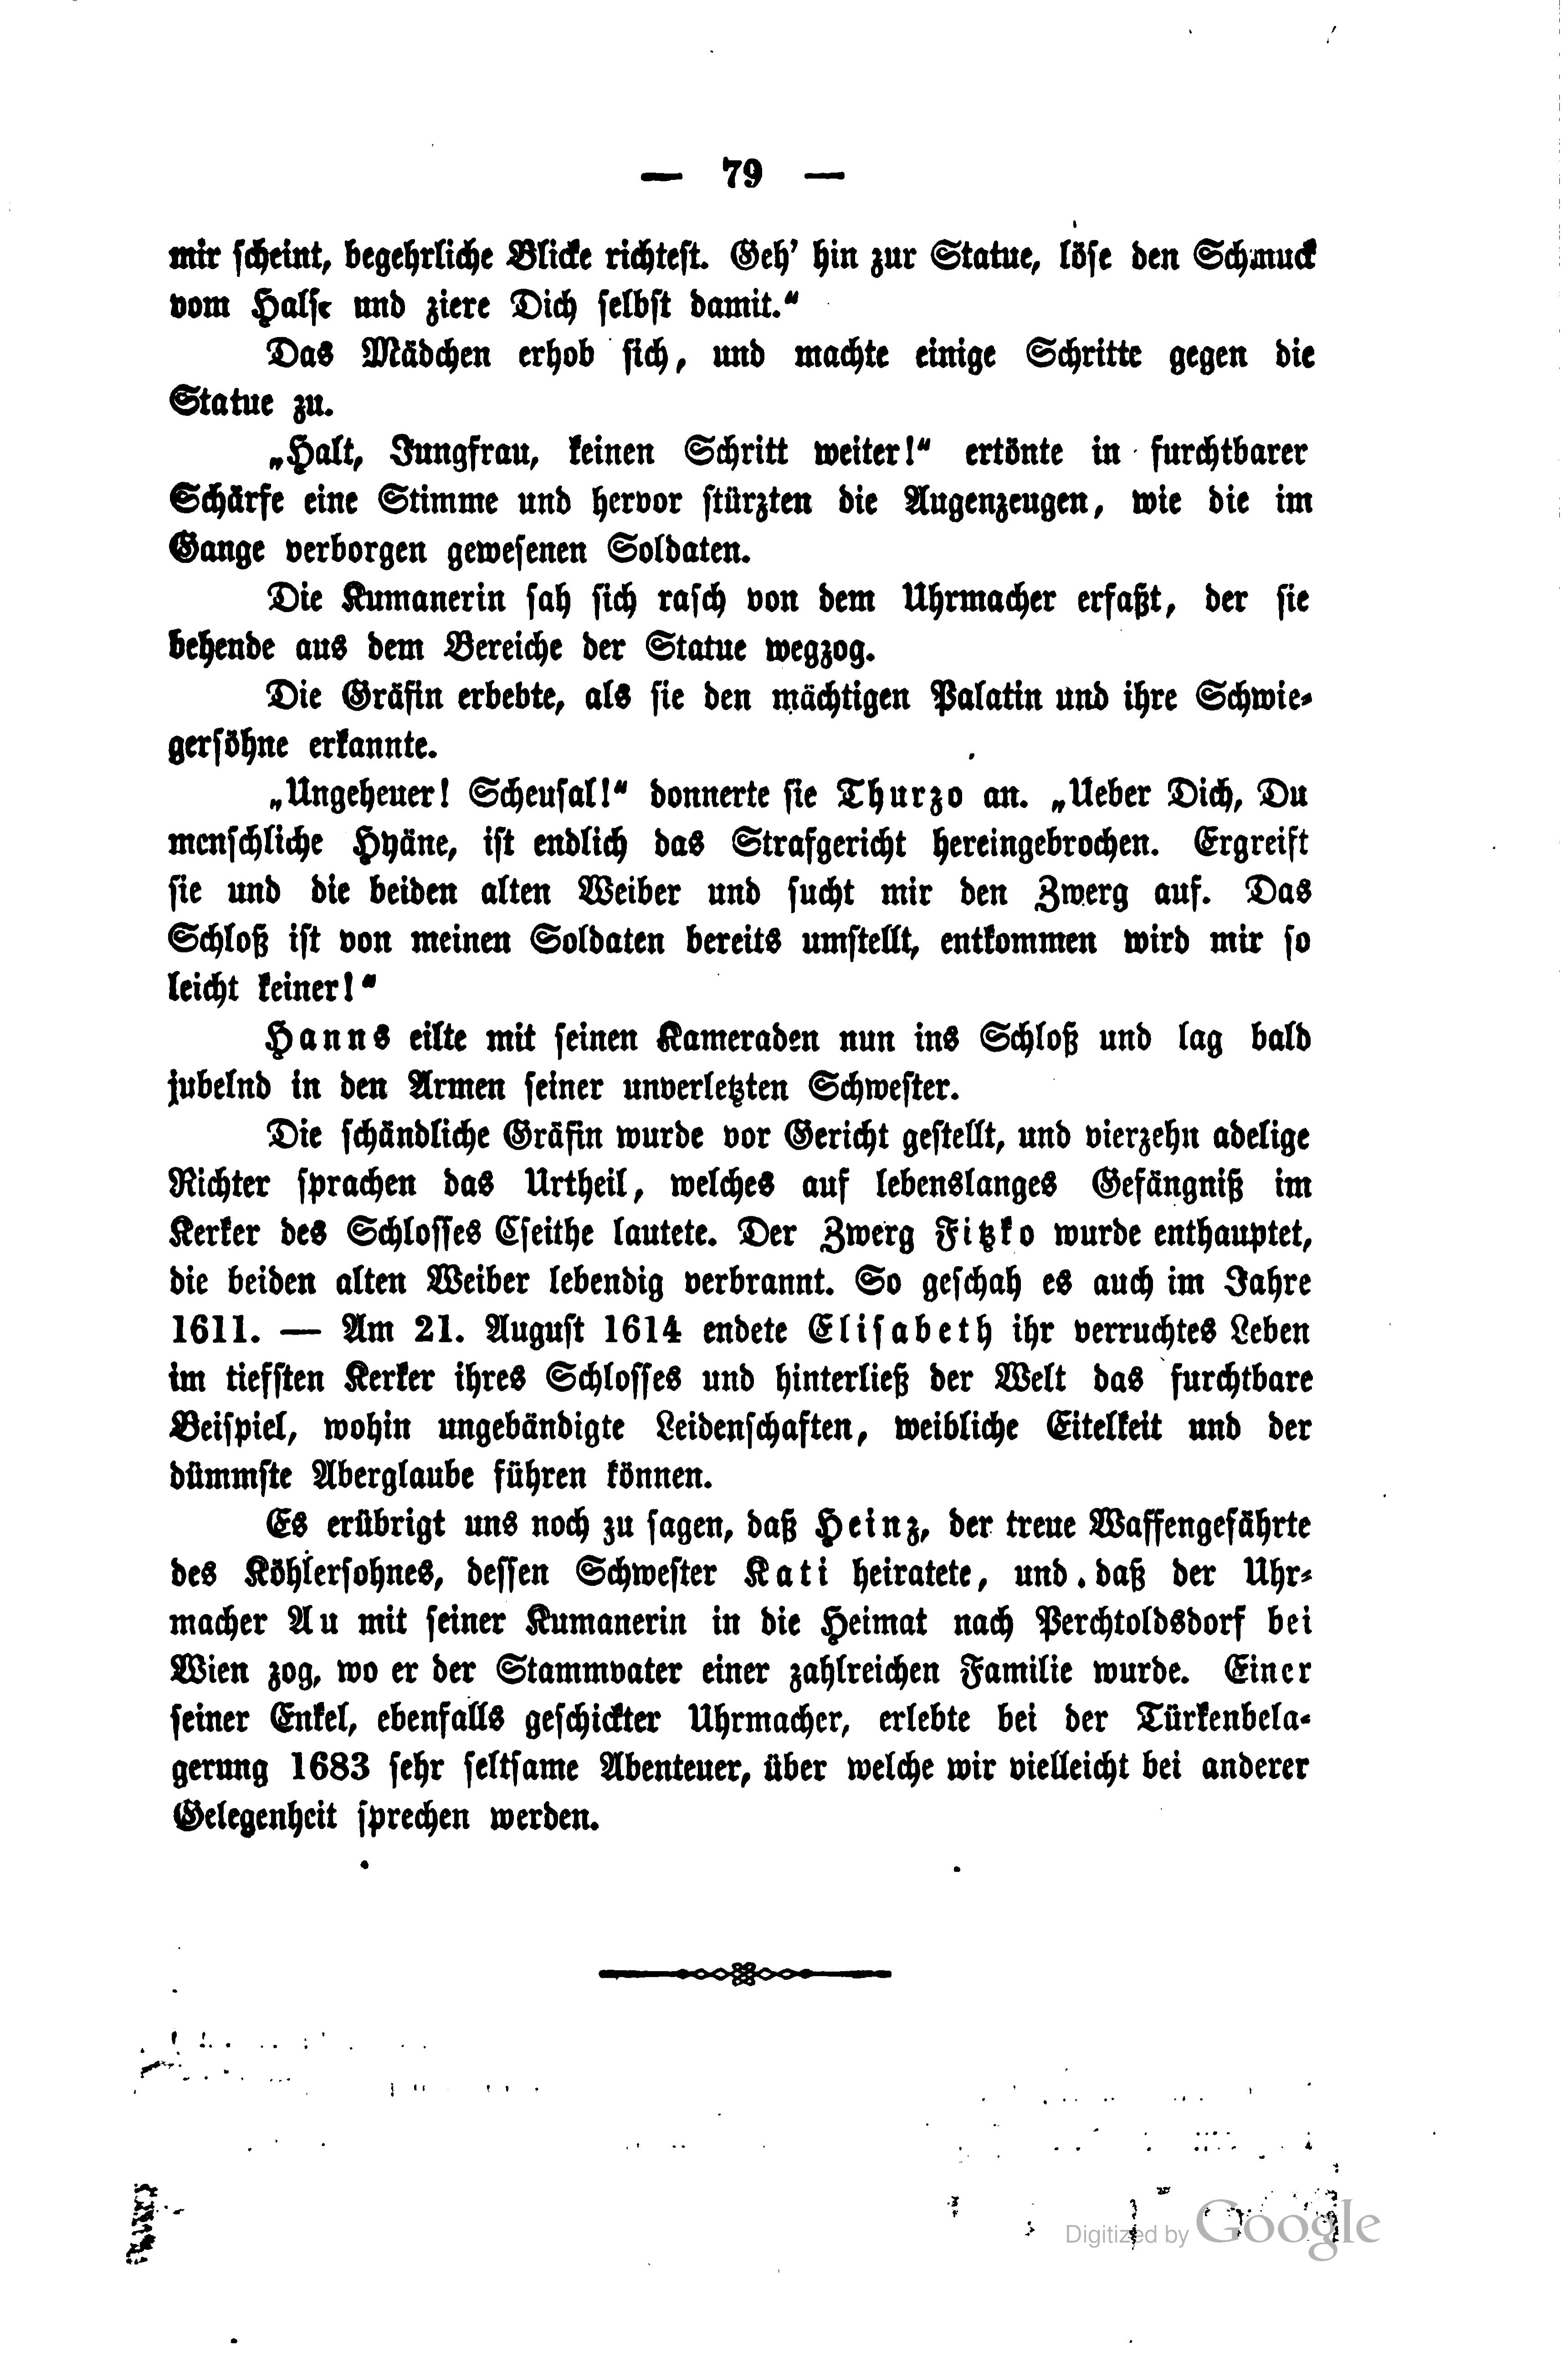 File:Dunkle Geschichten aus Oesterreich u2013 079.jpg - Wikimedia Commons